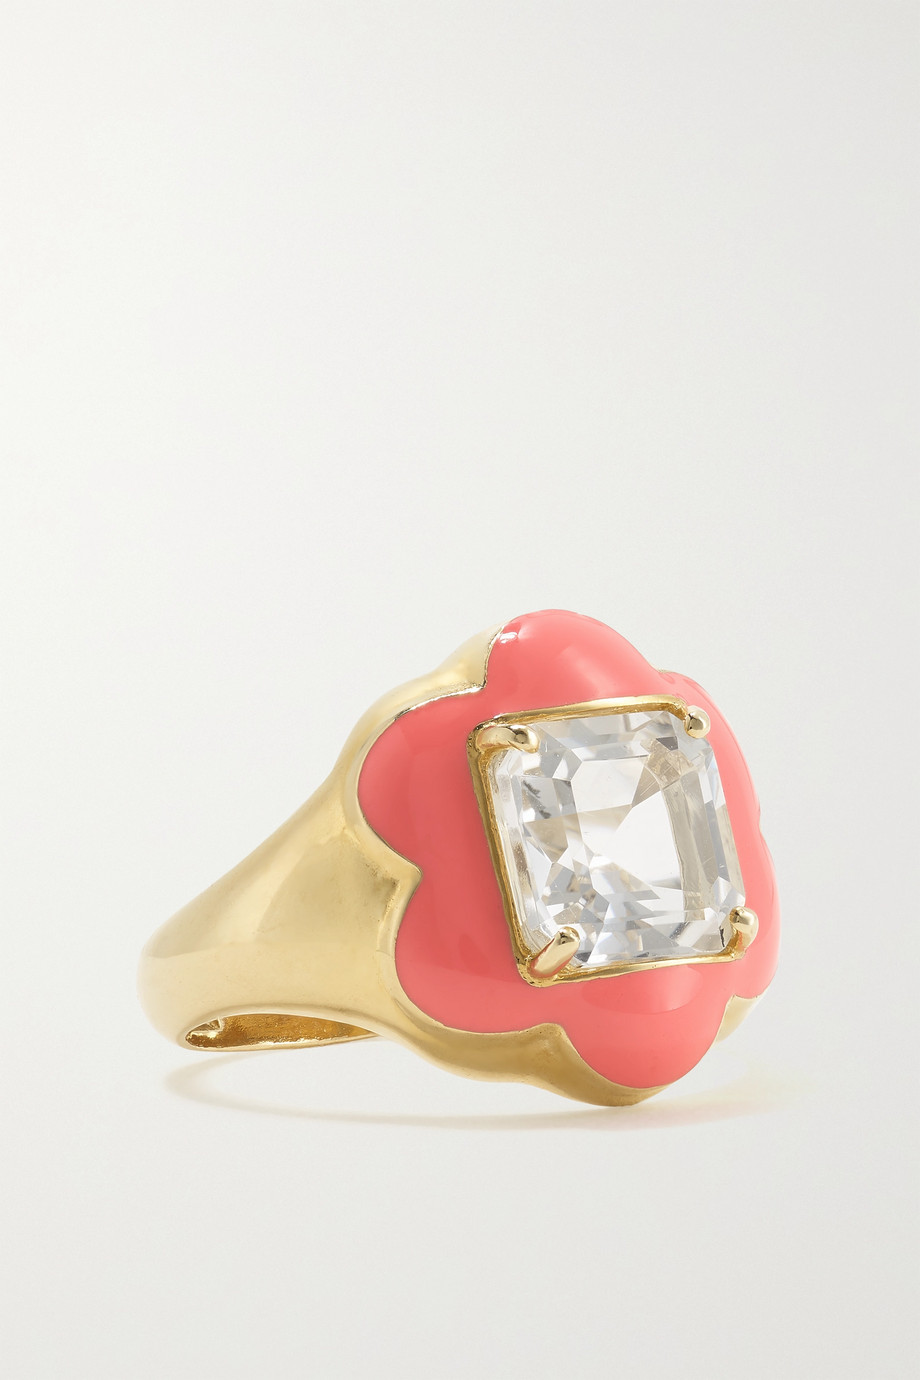 Bea Bongiasca Bague en or 9 carats (375/1000), émail et cristal de roche Give Them Flowers